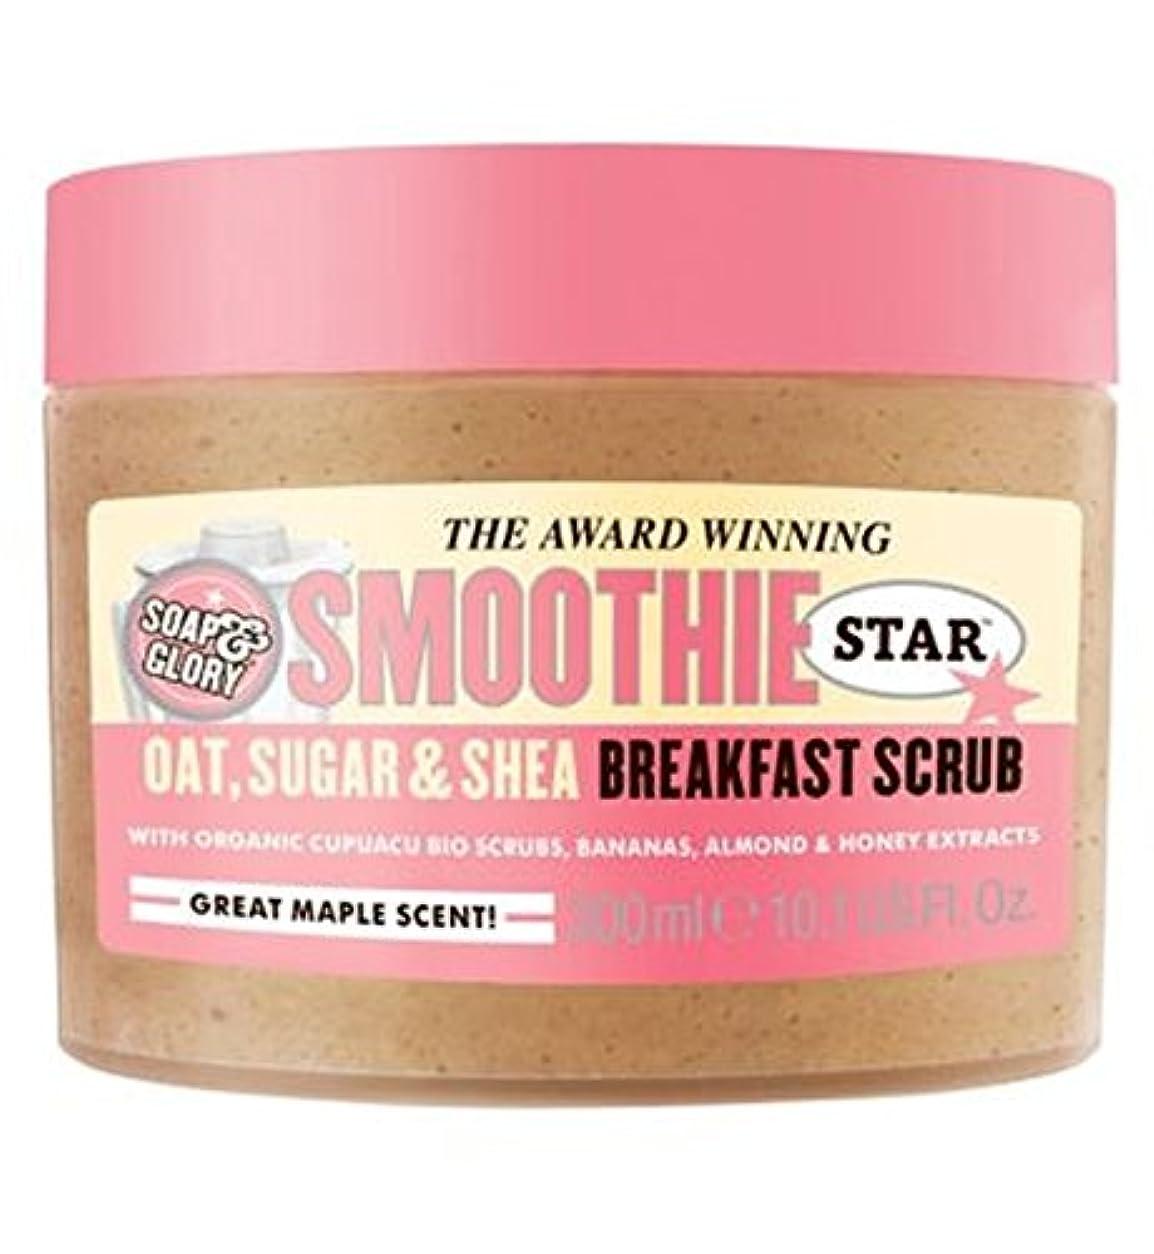 住所絶滅違うSoap & Glory Smoothie Star Breakfast Scrub 300ml - 石鹸&栄光スムージースター朝食スクラブ300ミリリットル (Soap & Glory) [並行輸入品]